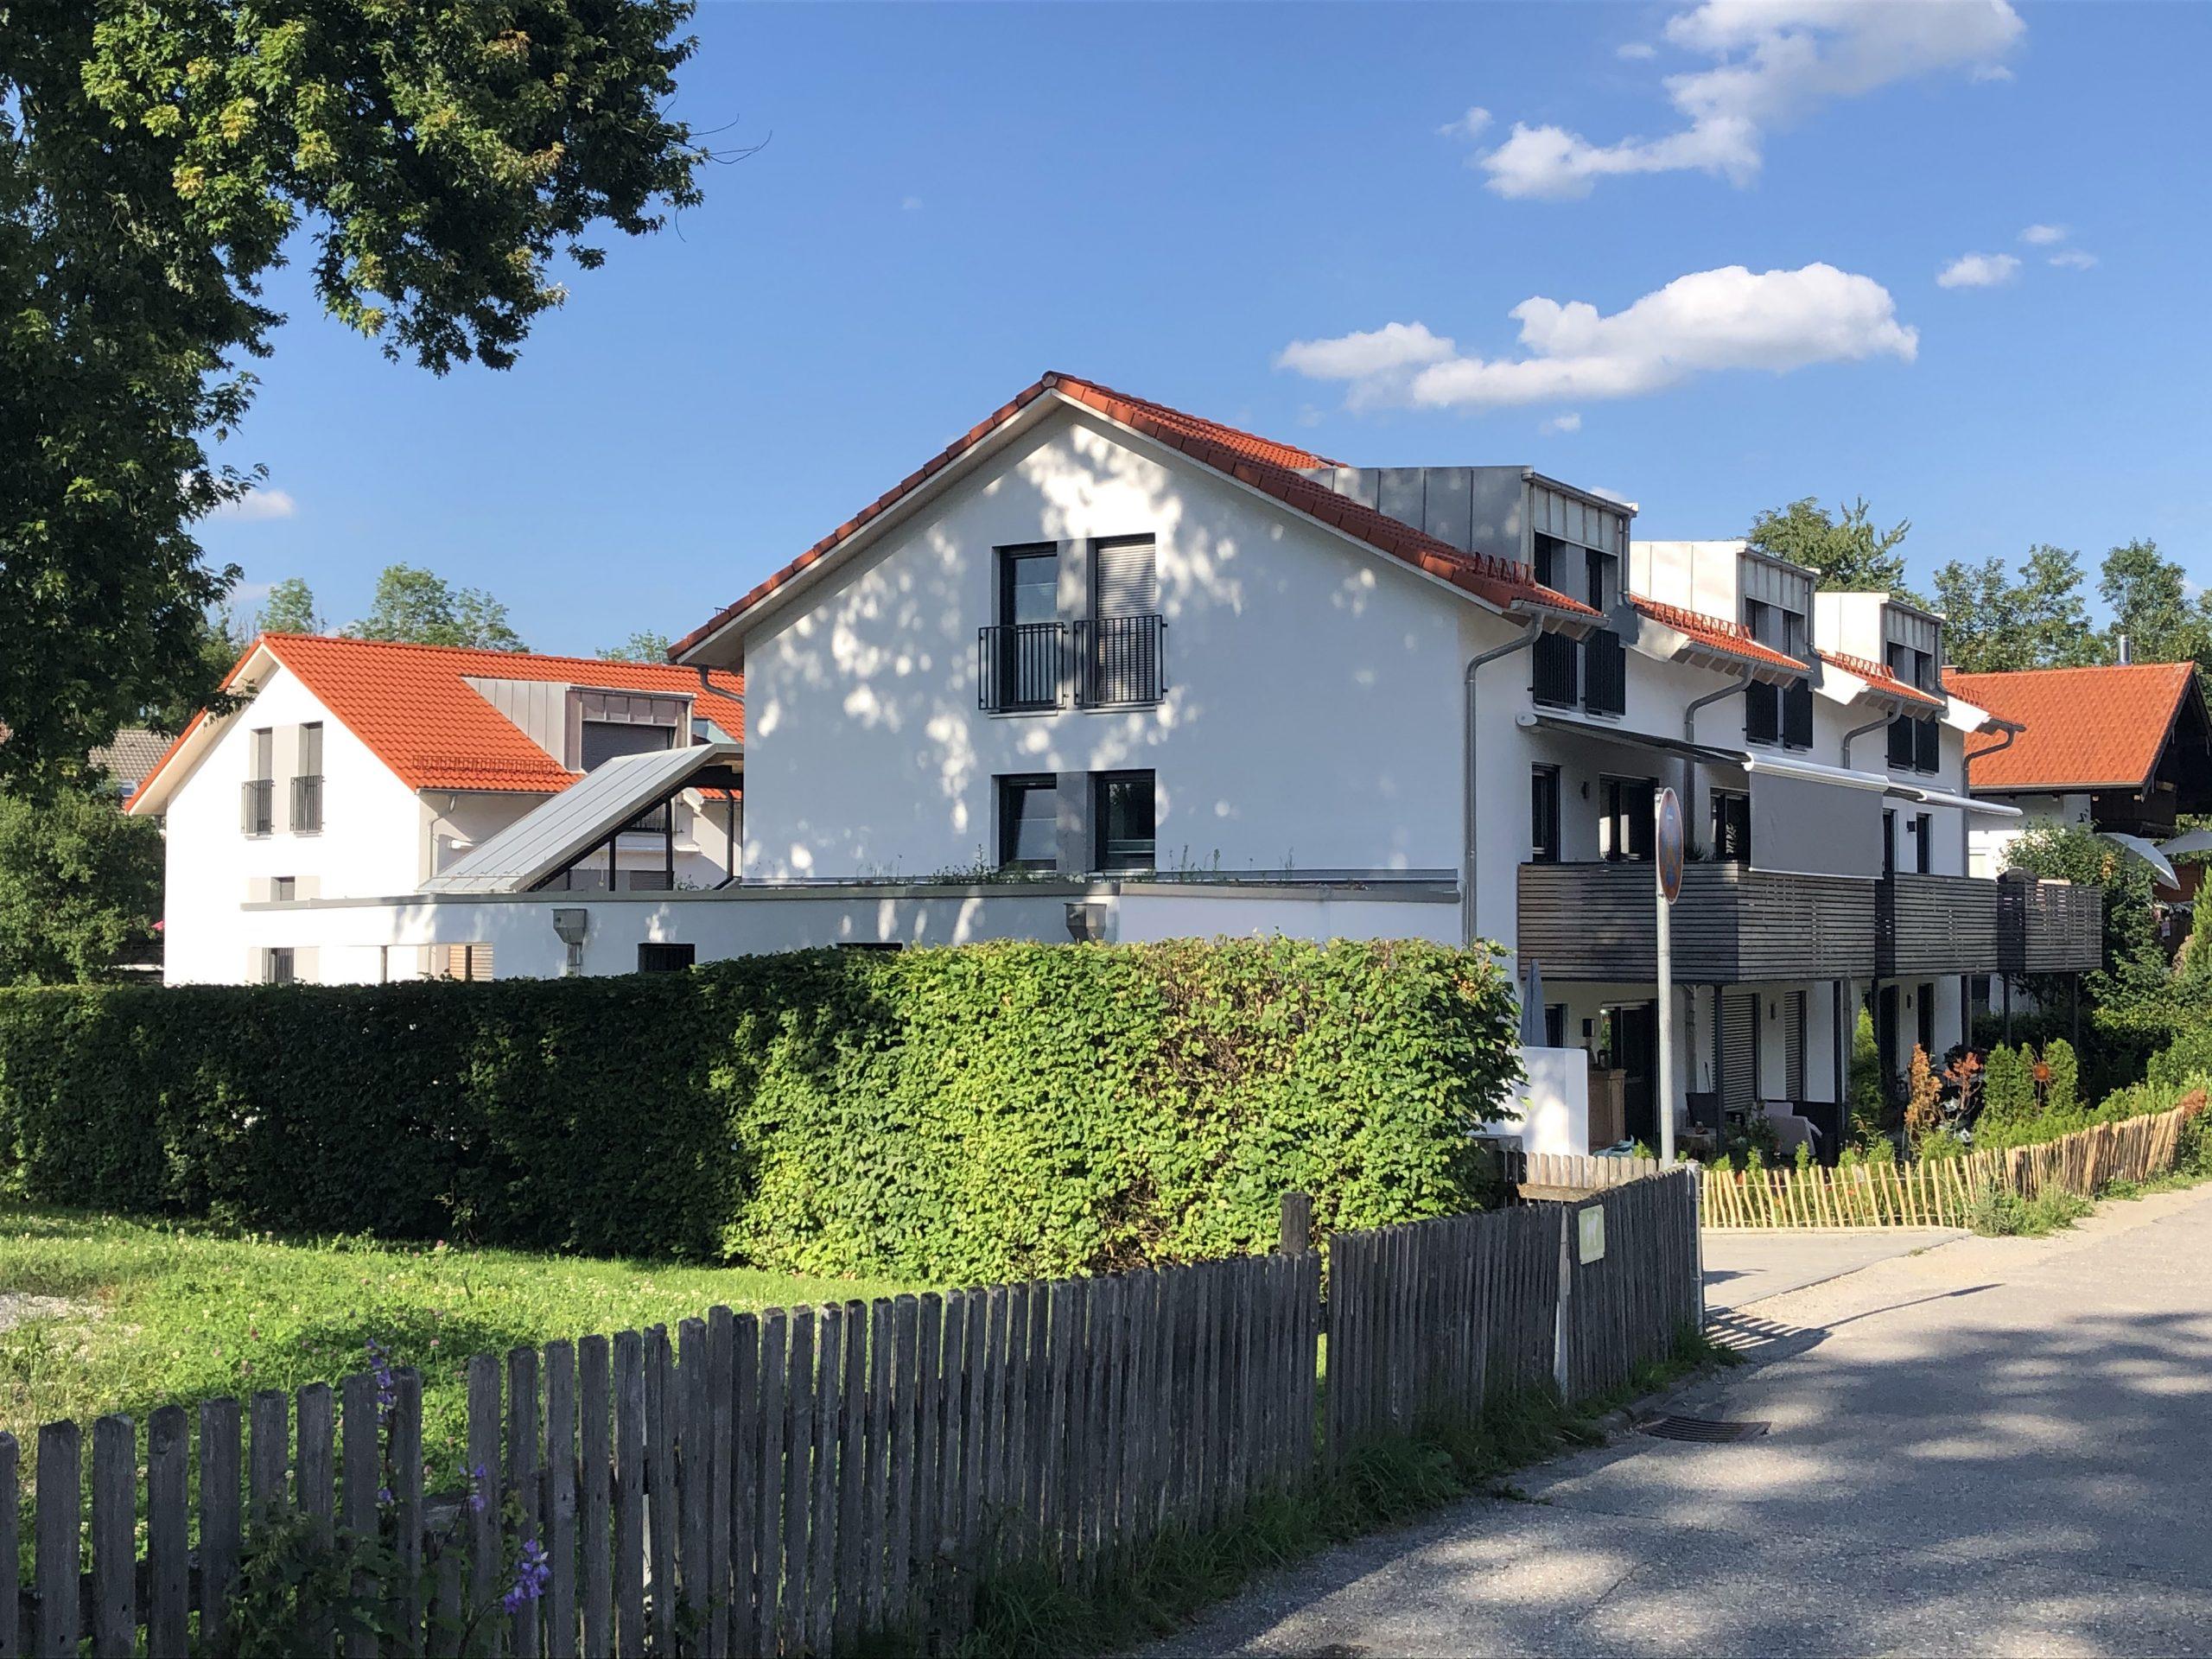 links/ Hintergrund: Haus Nord (4 WE); rechts Haus Süd (6 WE)